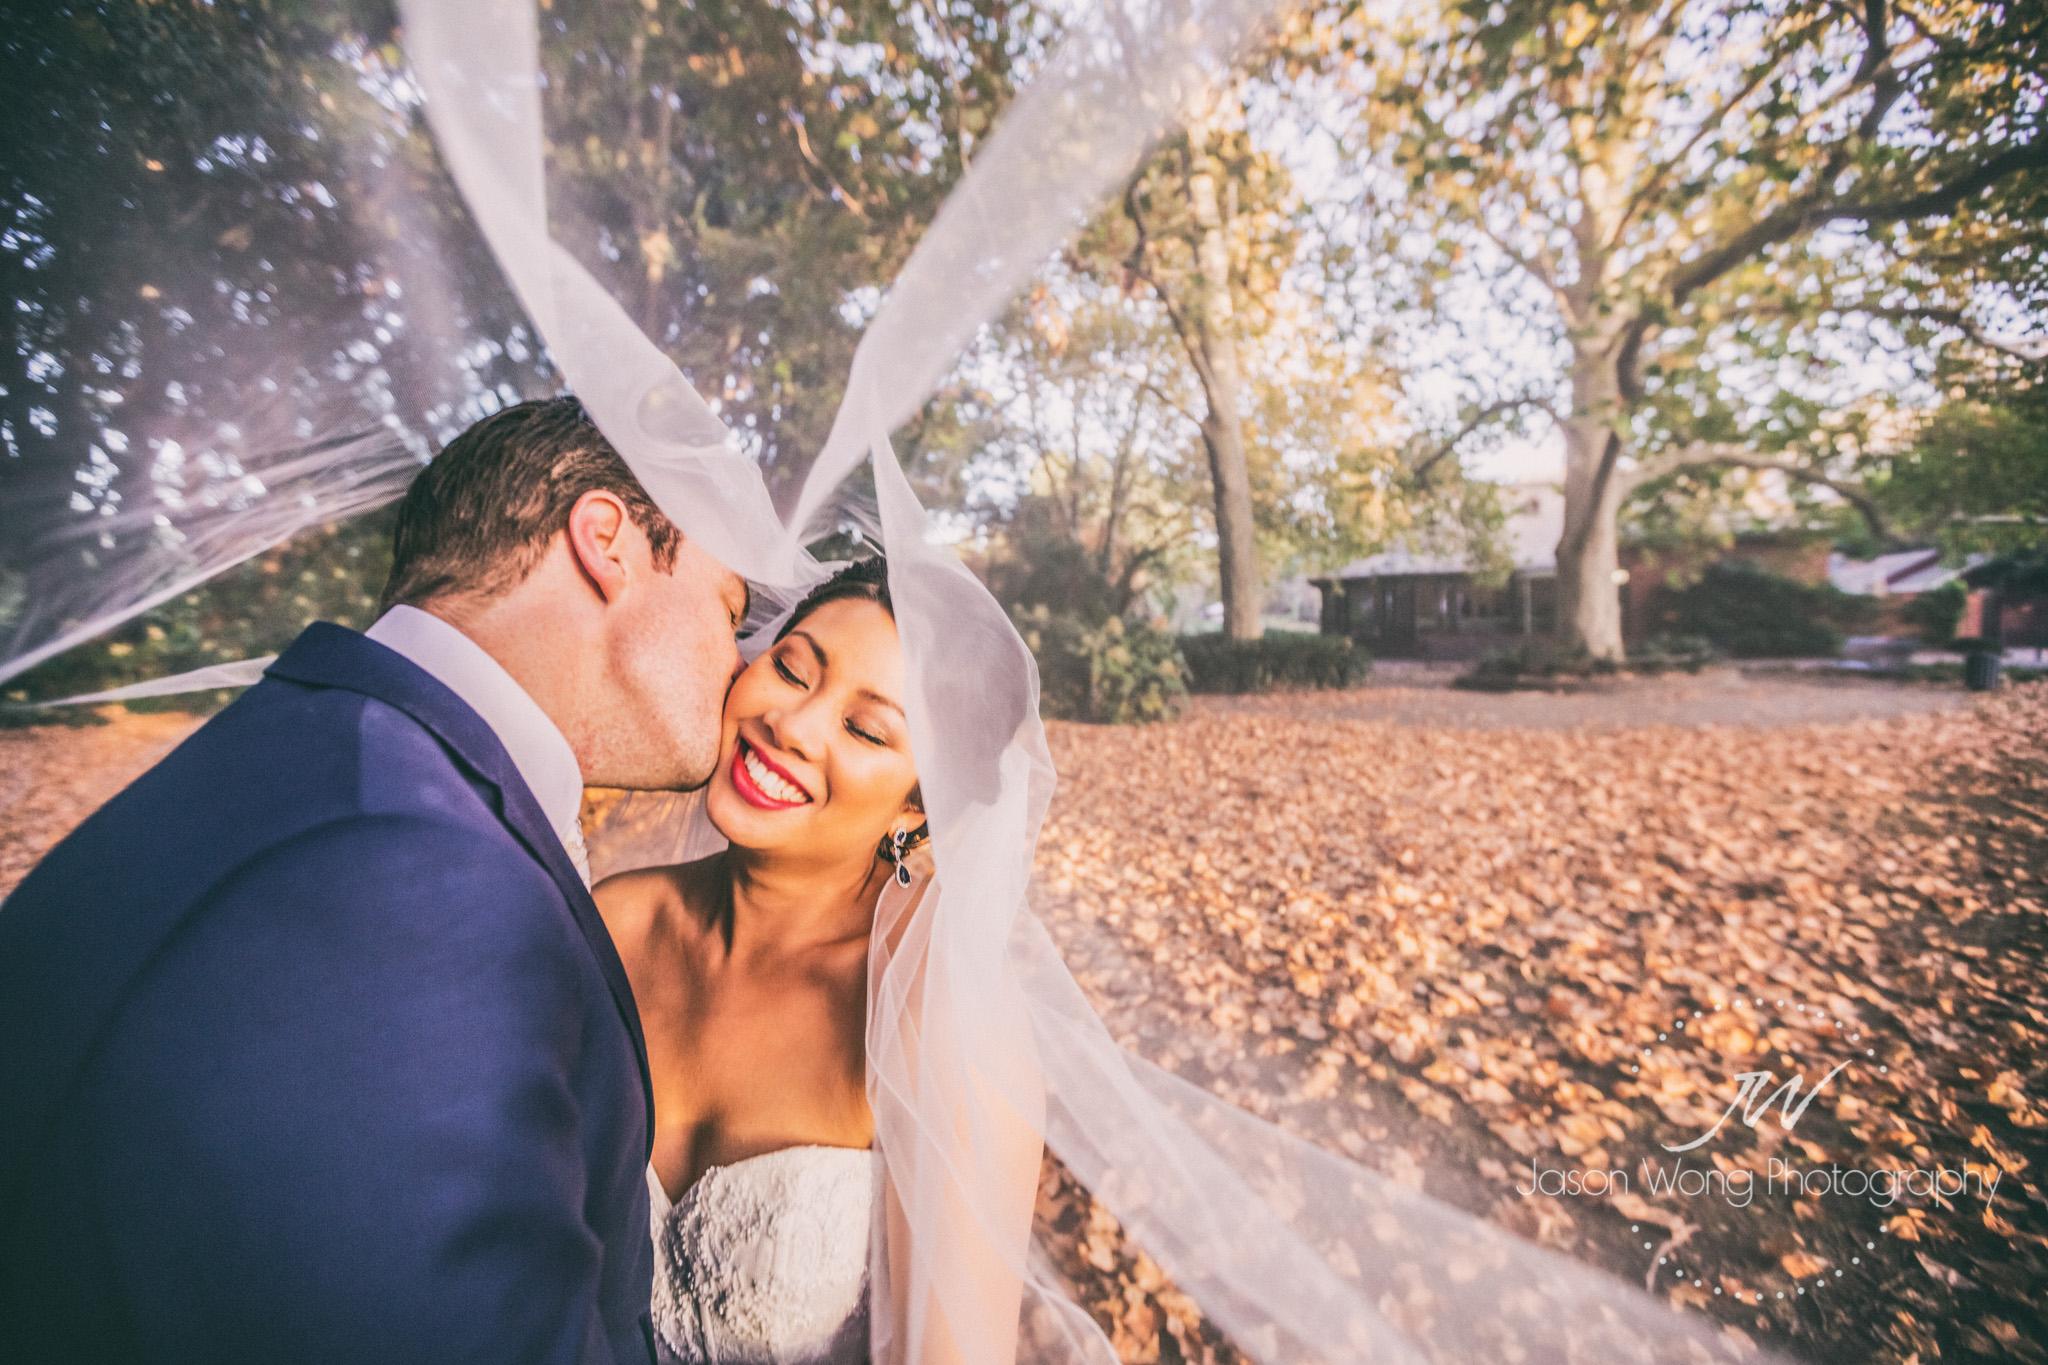 bride-groom-kiss-on-cheek.jpg